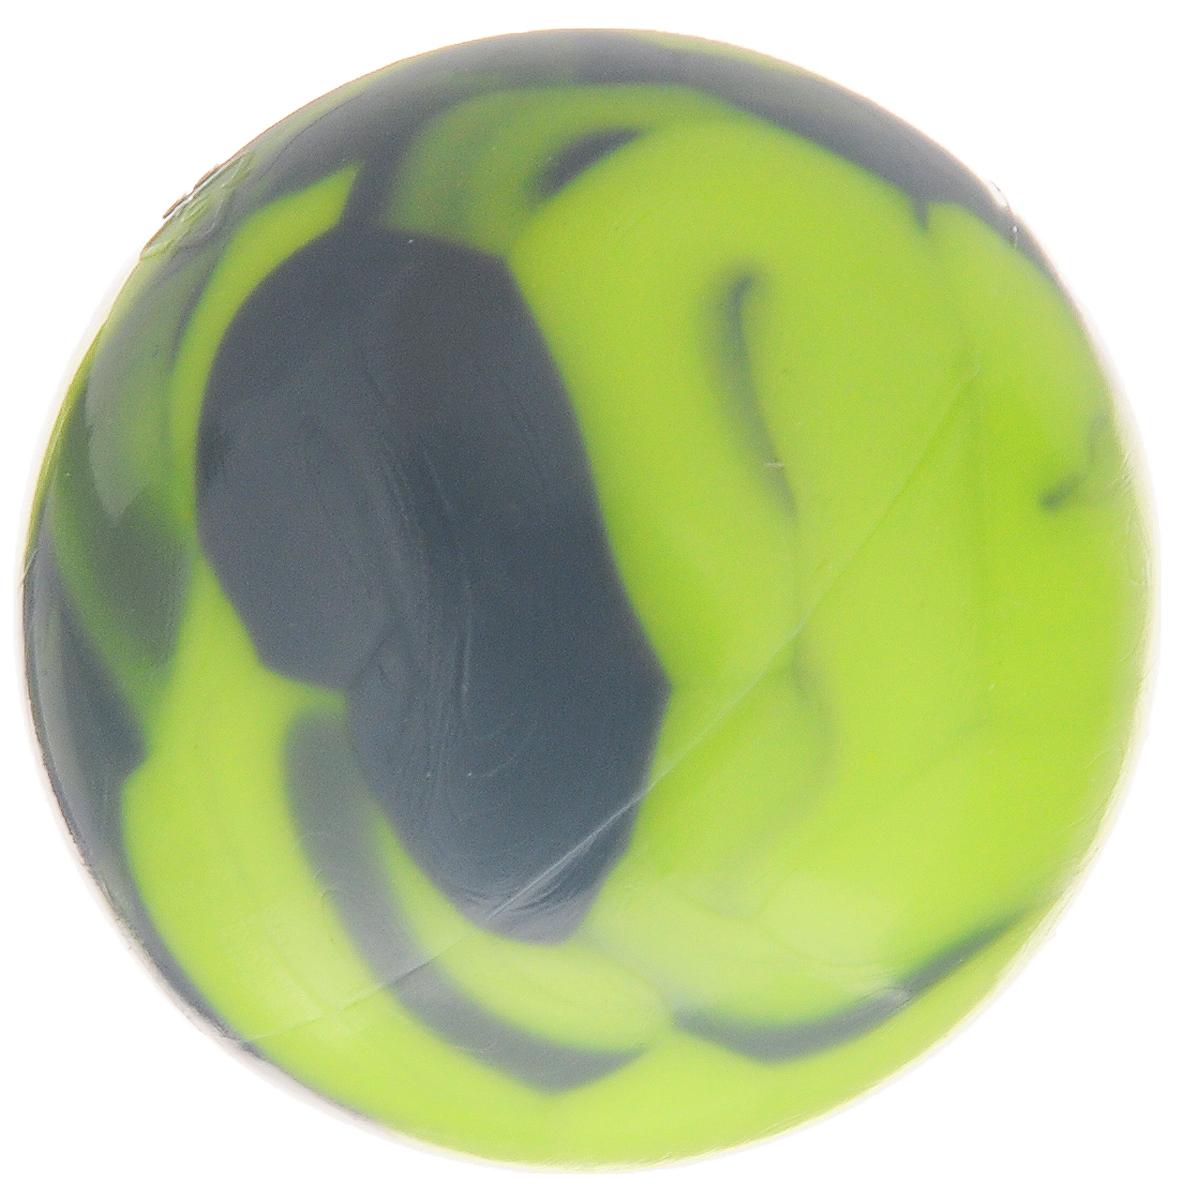 Игрушка Catit Senses, запасной шарик к игровой дорожке, диаметр 4 см50756Запасной шарик Catit Senses выполнен из высококачественного пластика. Изделие предназначено для игровых дорожек для кошек Catit Senses. Диаметр шарика: 4 см.